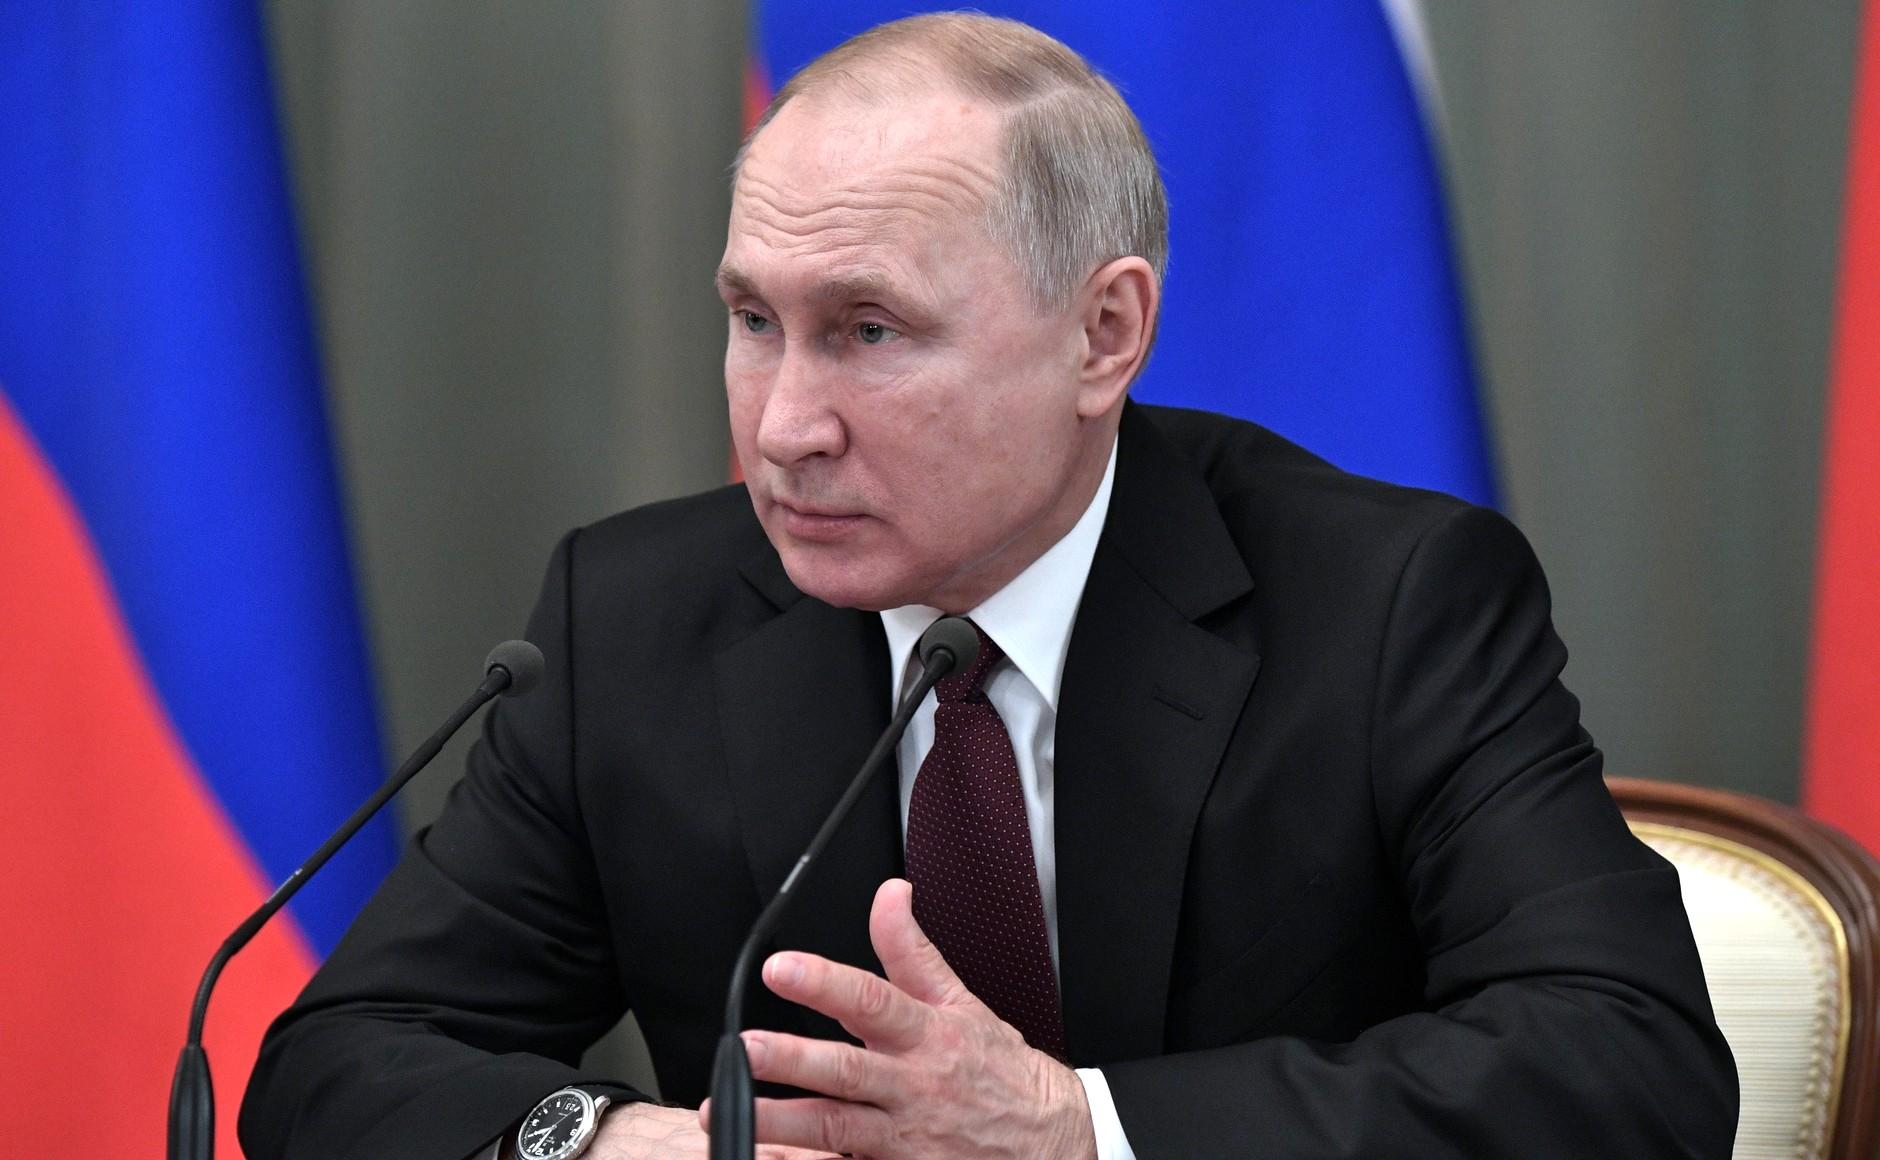 Владимир Путин призвал выплатить пенсионерам по десять тысяч рублей, военным — по 15